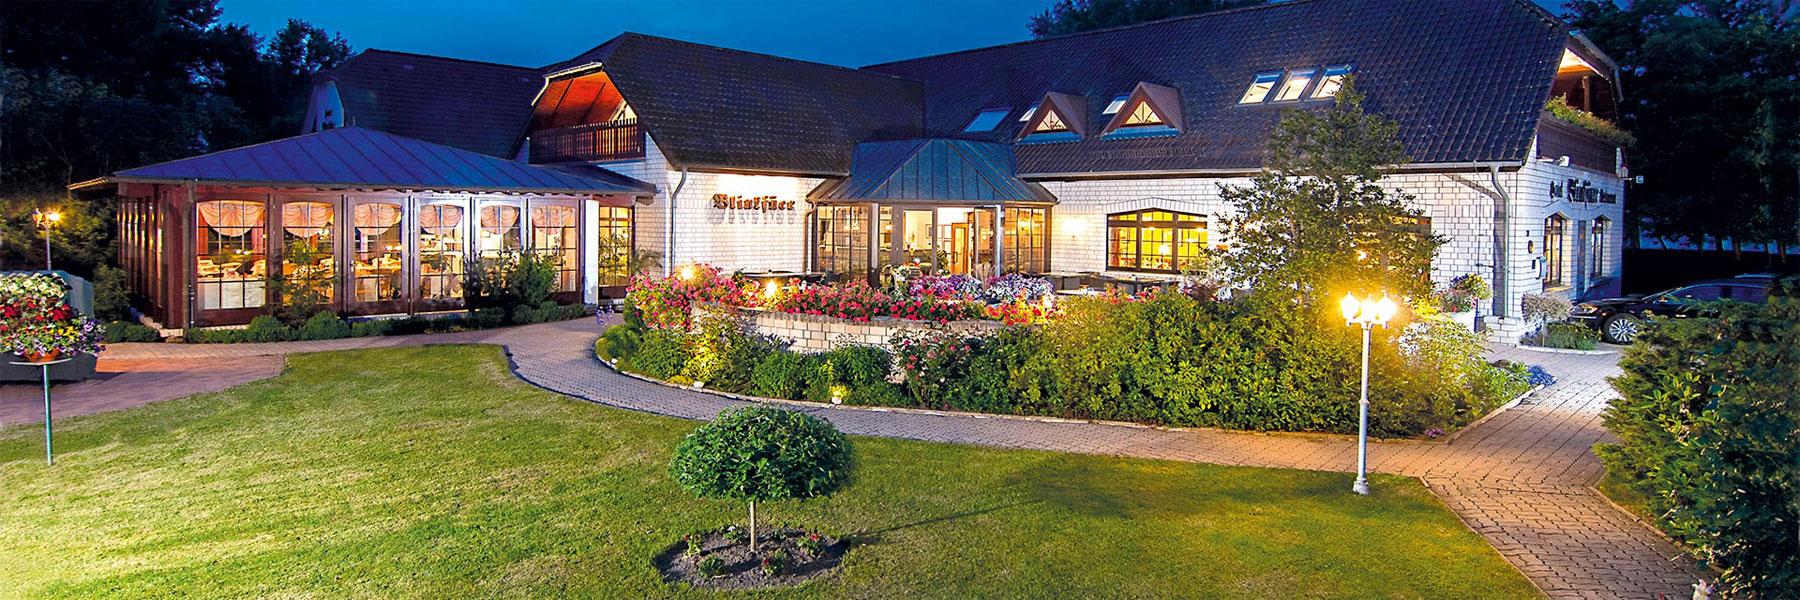 Abendstimmung - ****Hotel Blinkfüer